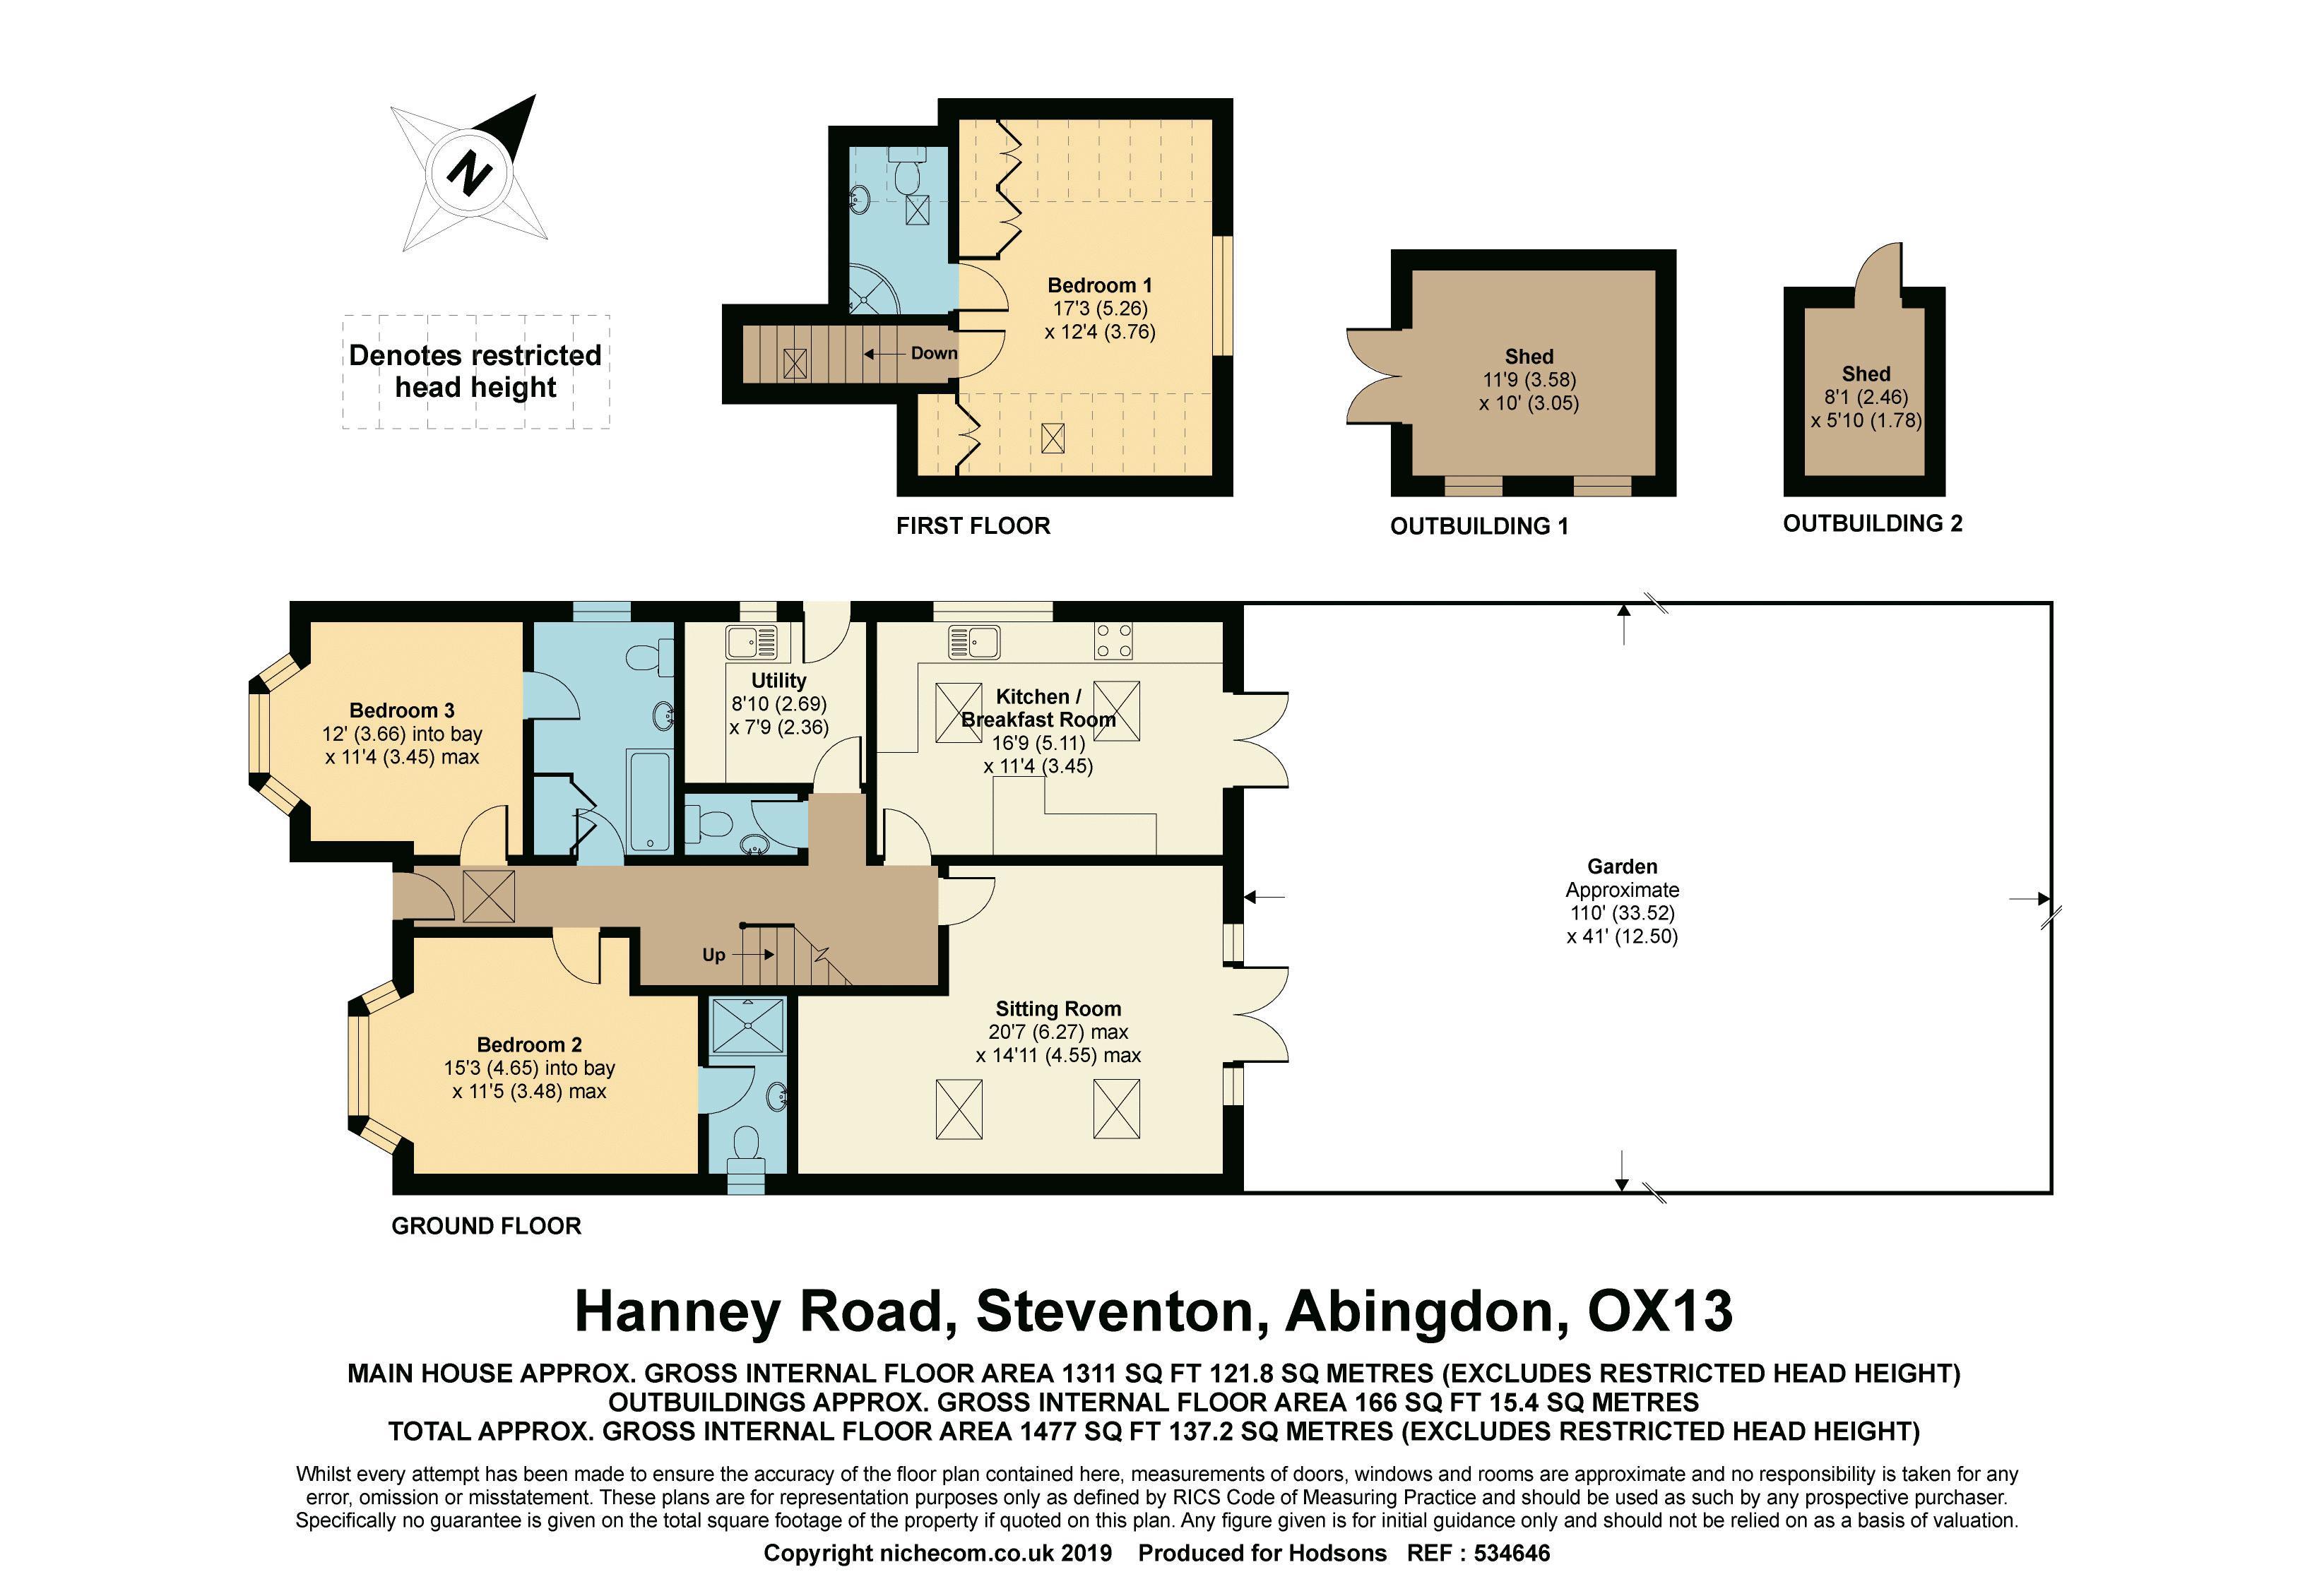 Hanney Road Steventon